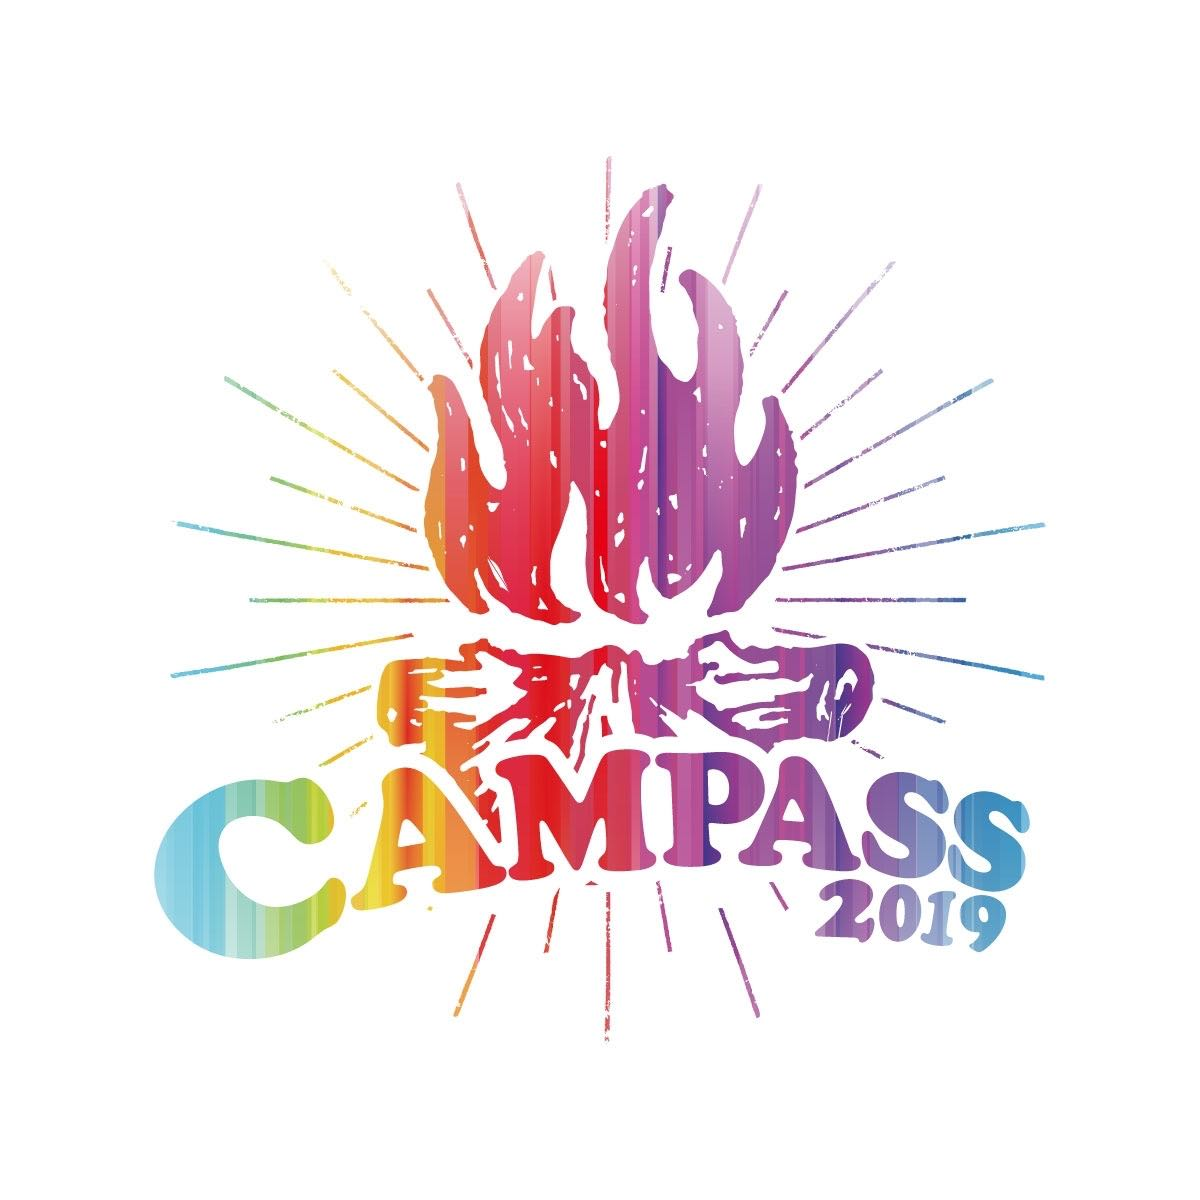 千葉県柏市野外フェス「CAMPASS 2019」開催決定&2018年度のアフタームービーも公開